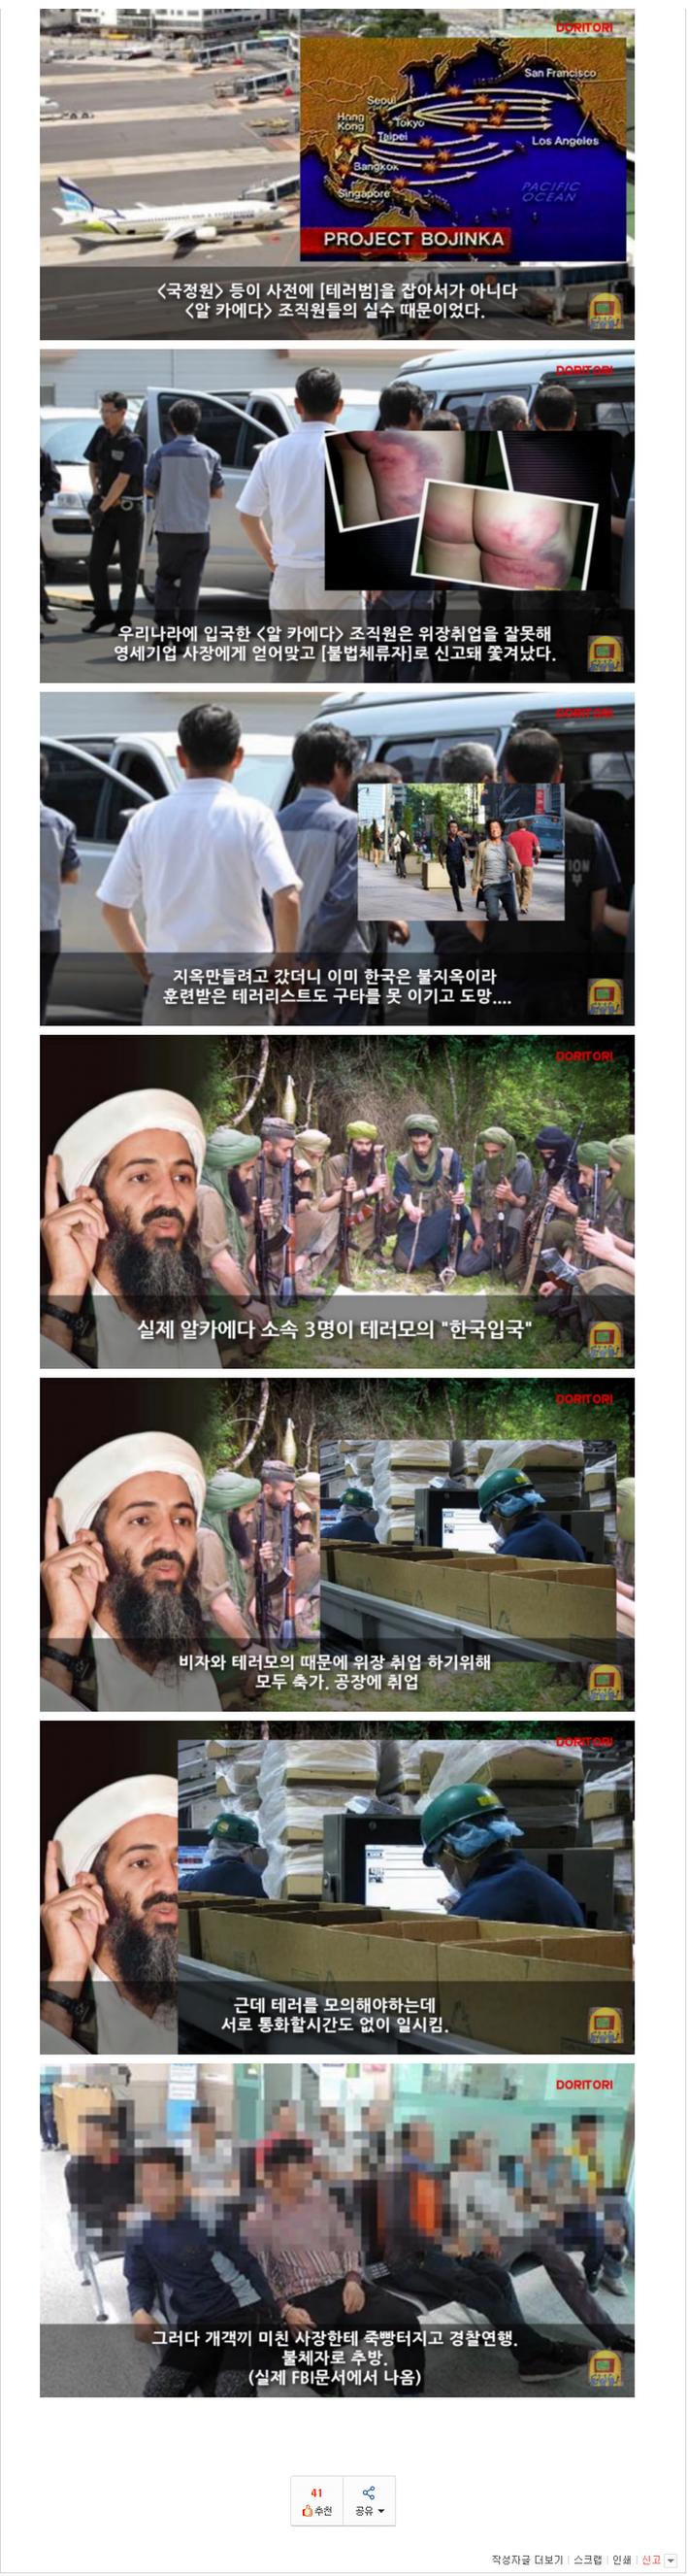 C5F967E9-C8FB-4D49-91F0-C08A5F20CA8B.png 한국을 공격하려고 했던 테러단체